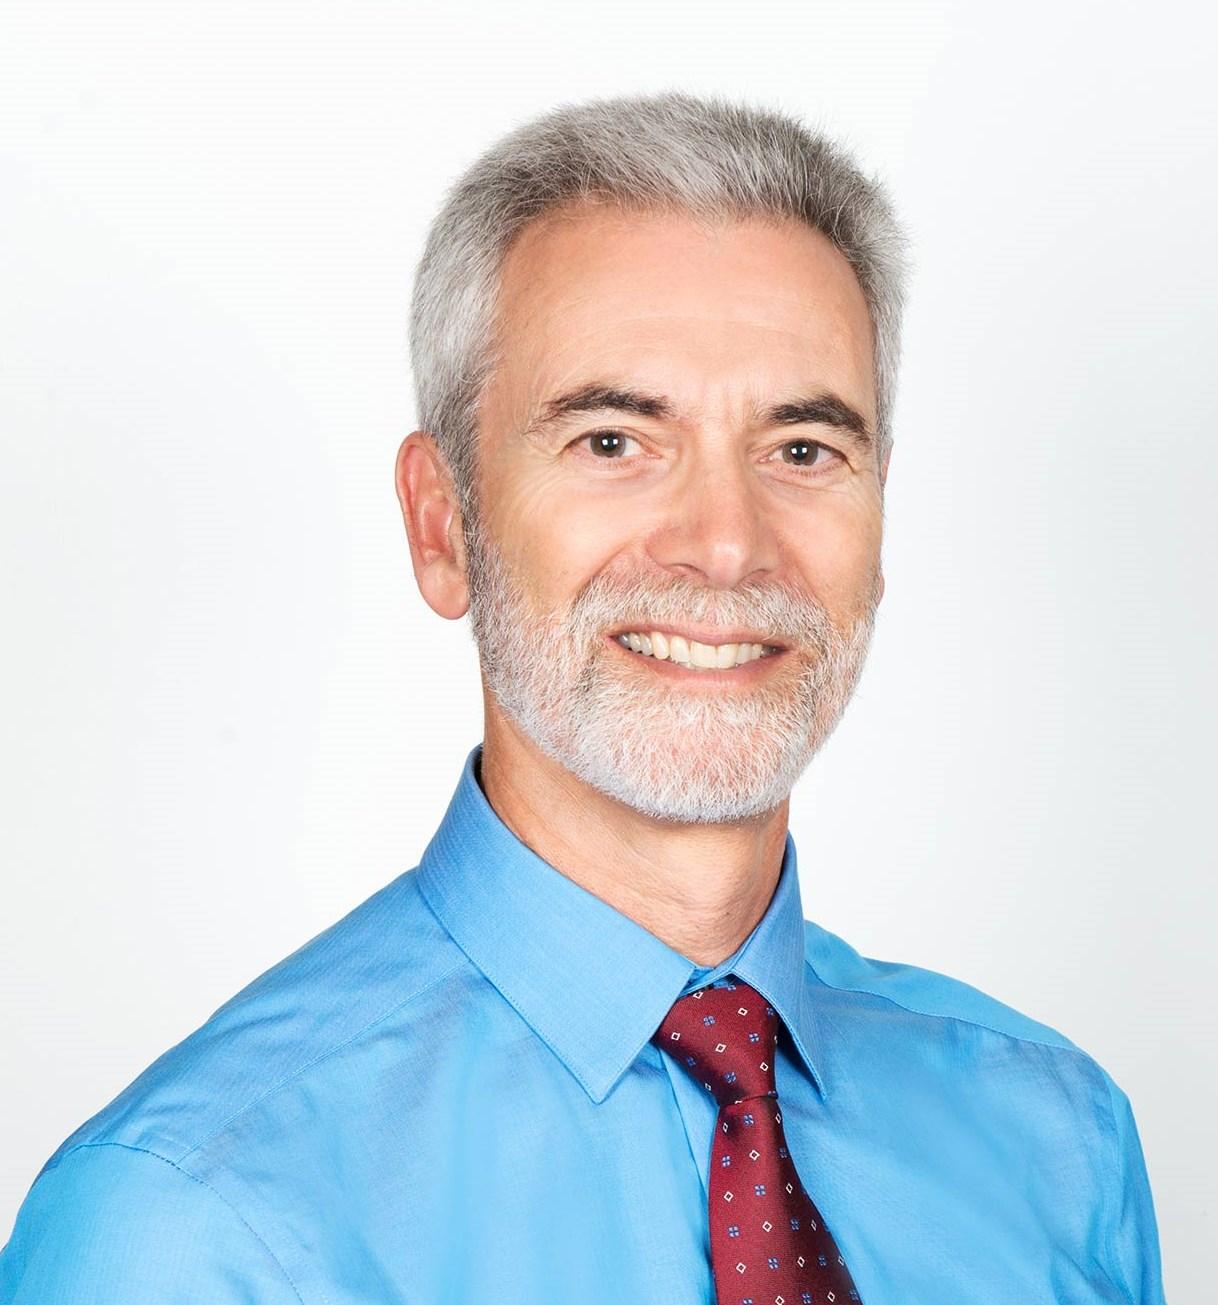 dr. gideon strich author of burnout rx